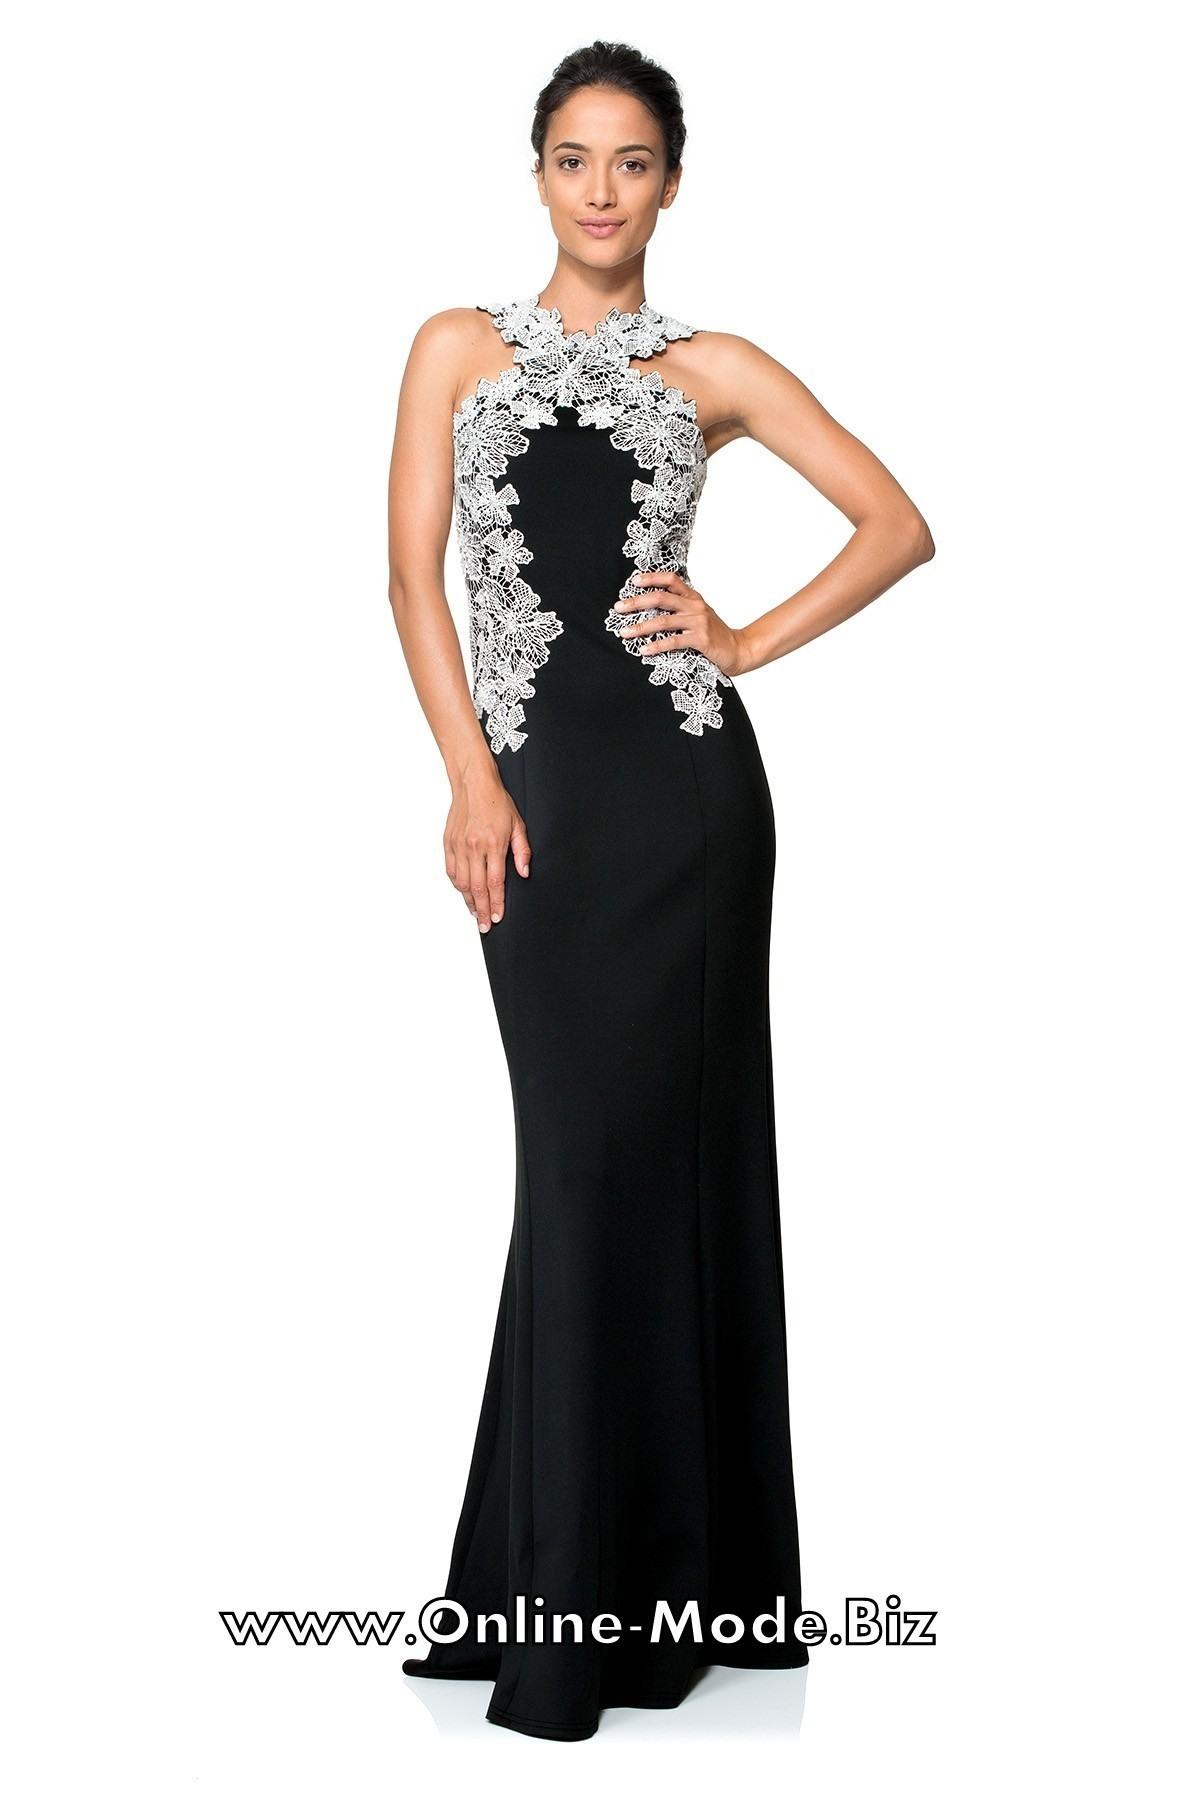 Großartig Schwarzes Bodenlanges Kleid Design Luxus Schwarzes Bodenlanges Kleid Galerie